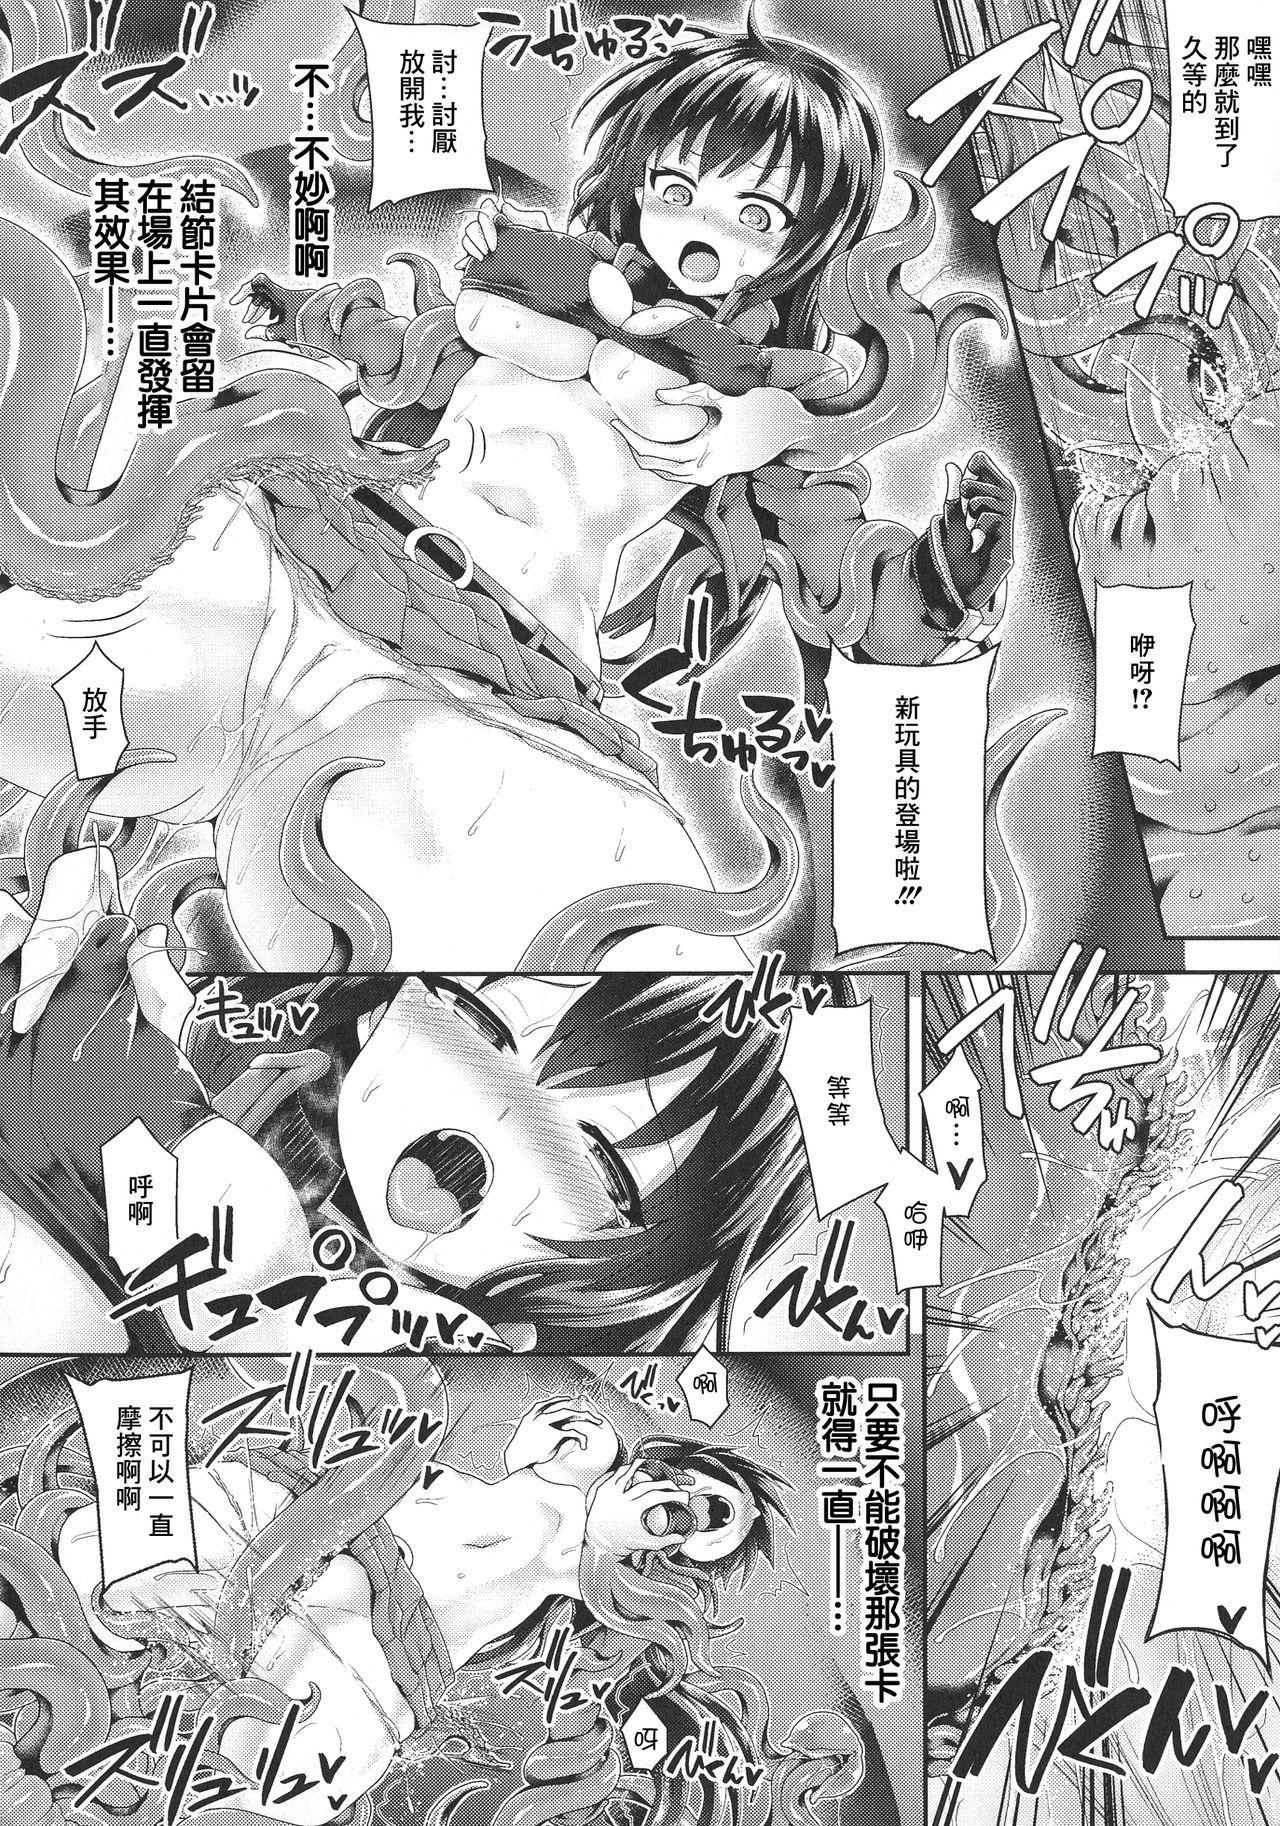 Futanari Gal Brave - Tsuiteru Gal Yuusha Isekai no ji ni Botsu 102